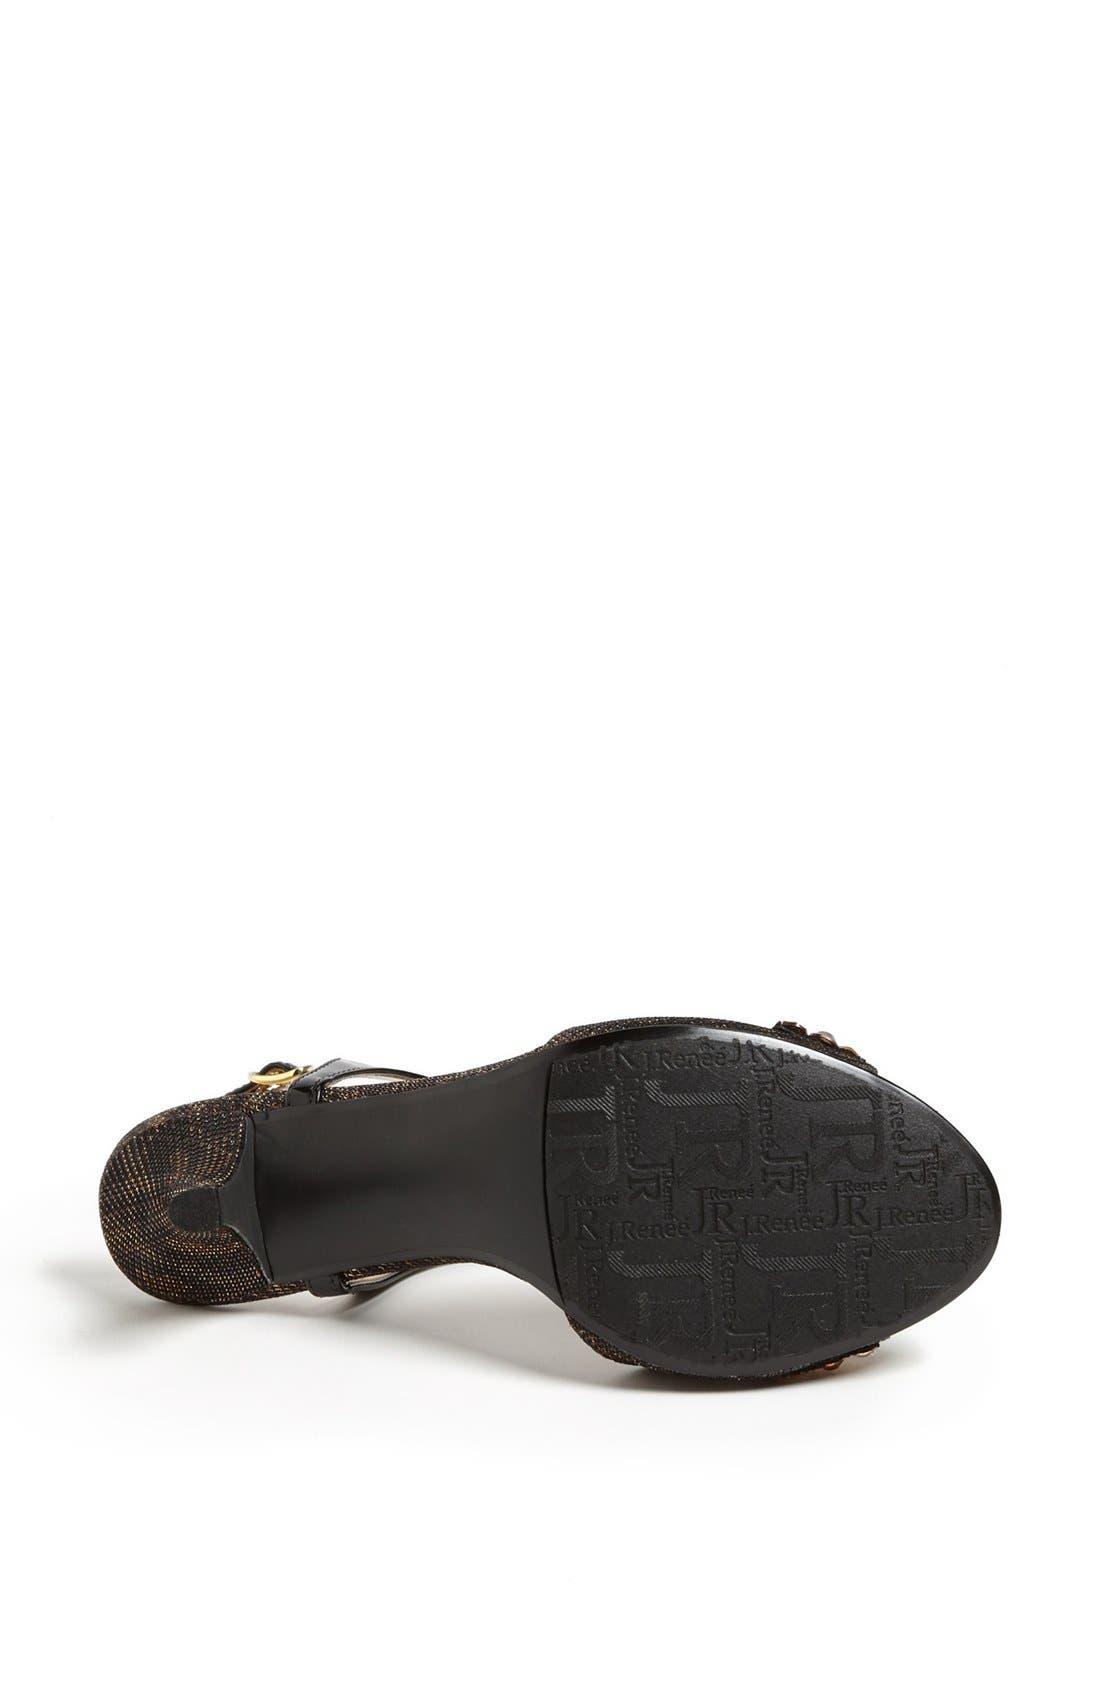 Alternate Image 4  - J. Renee 'Raspy' Sandal (Online Only)